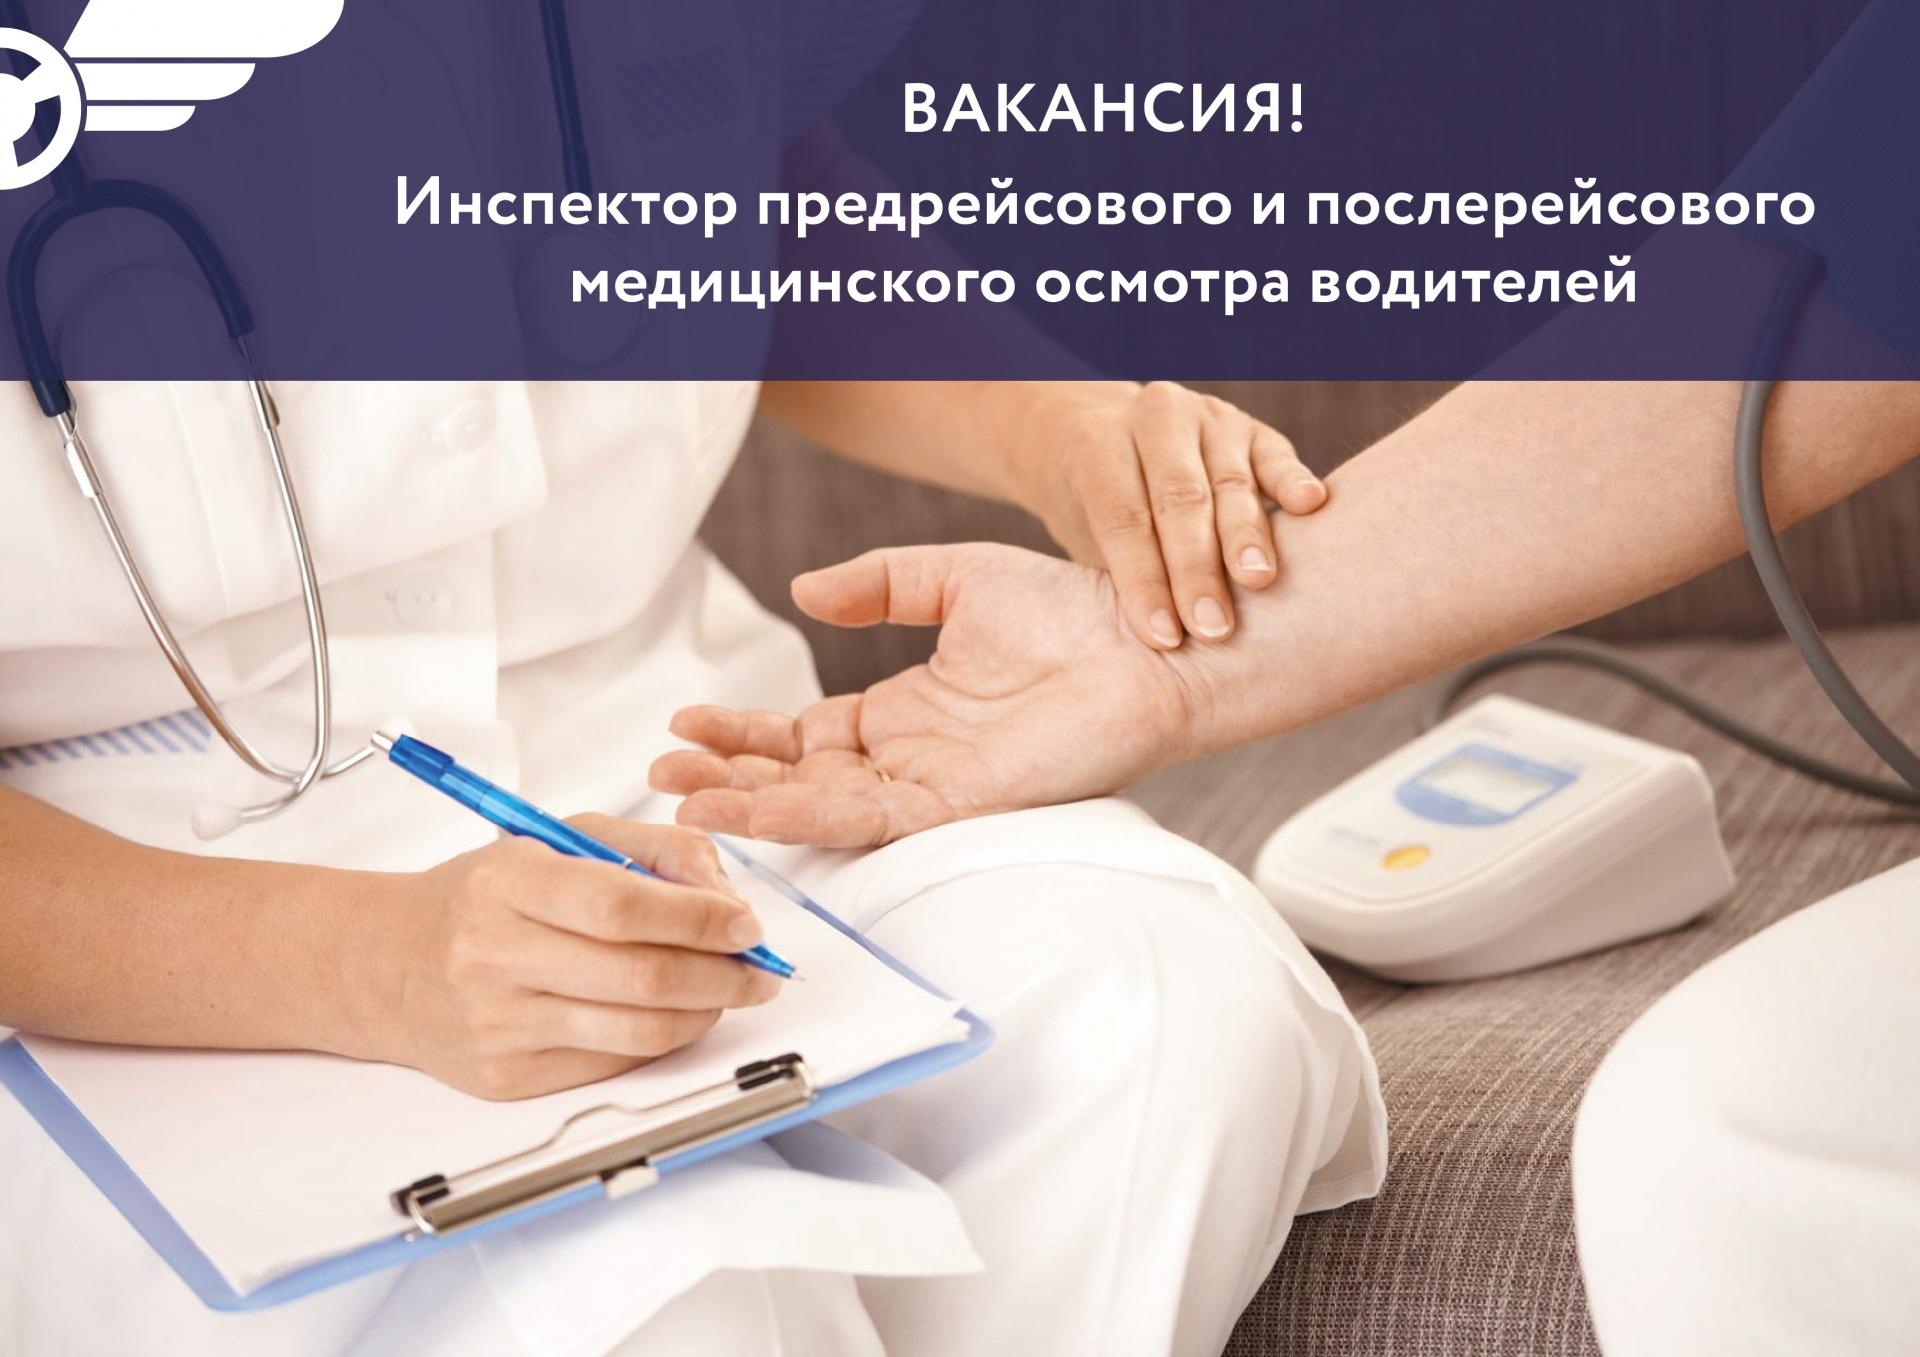 Post-dlya_Vakansiya-medik.jpg